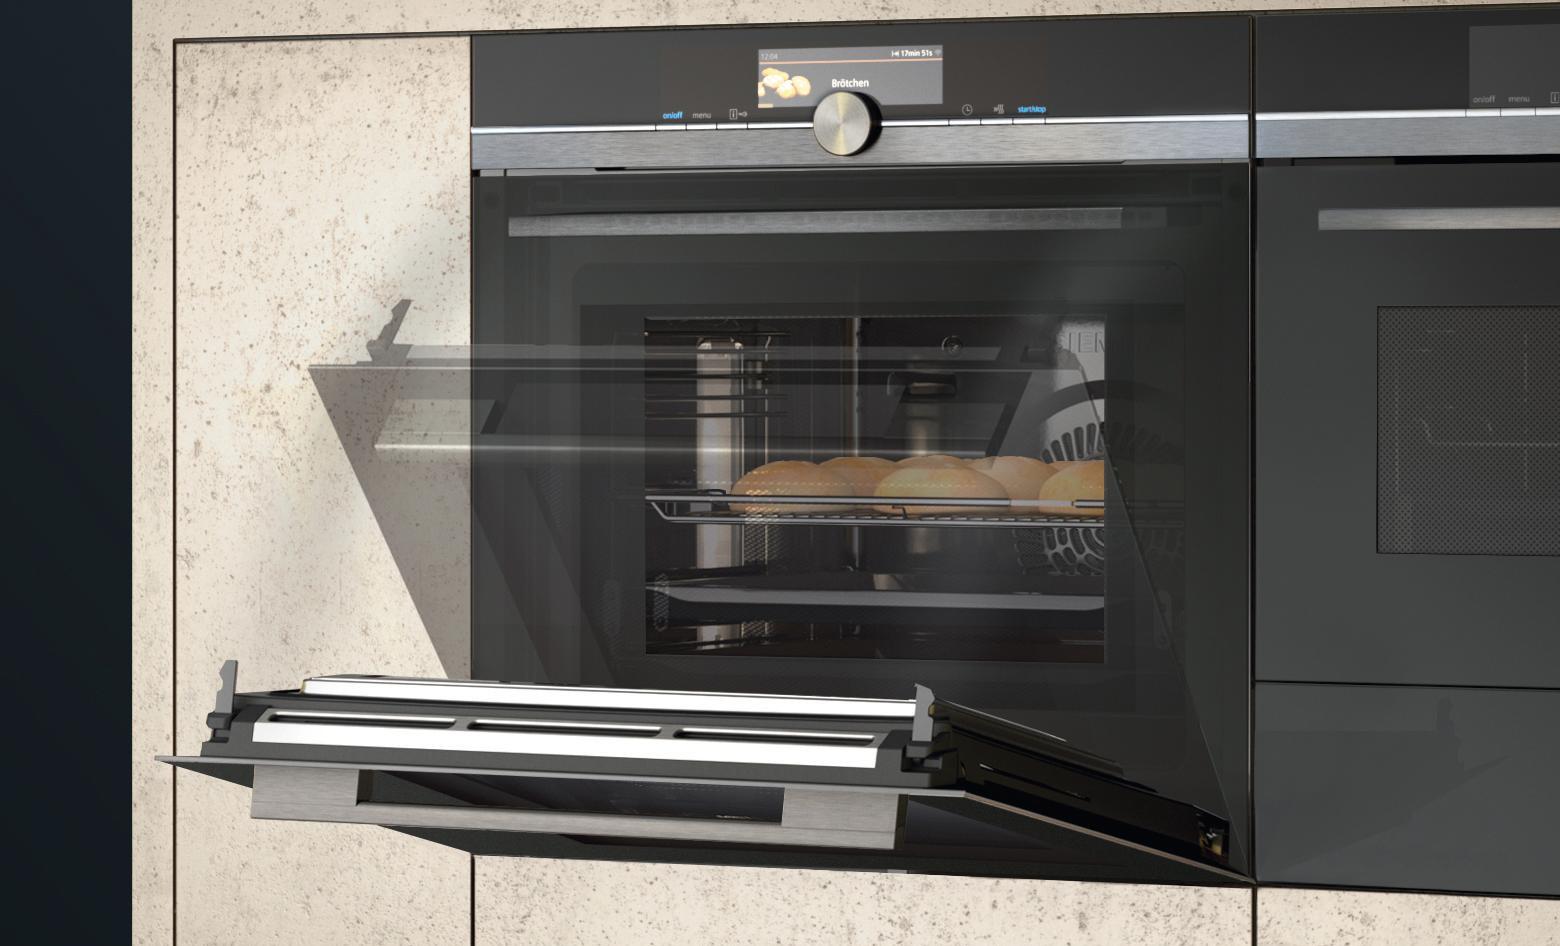 Siemens-Backofen mit sprachgesteuerter Türöffnung